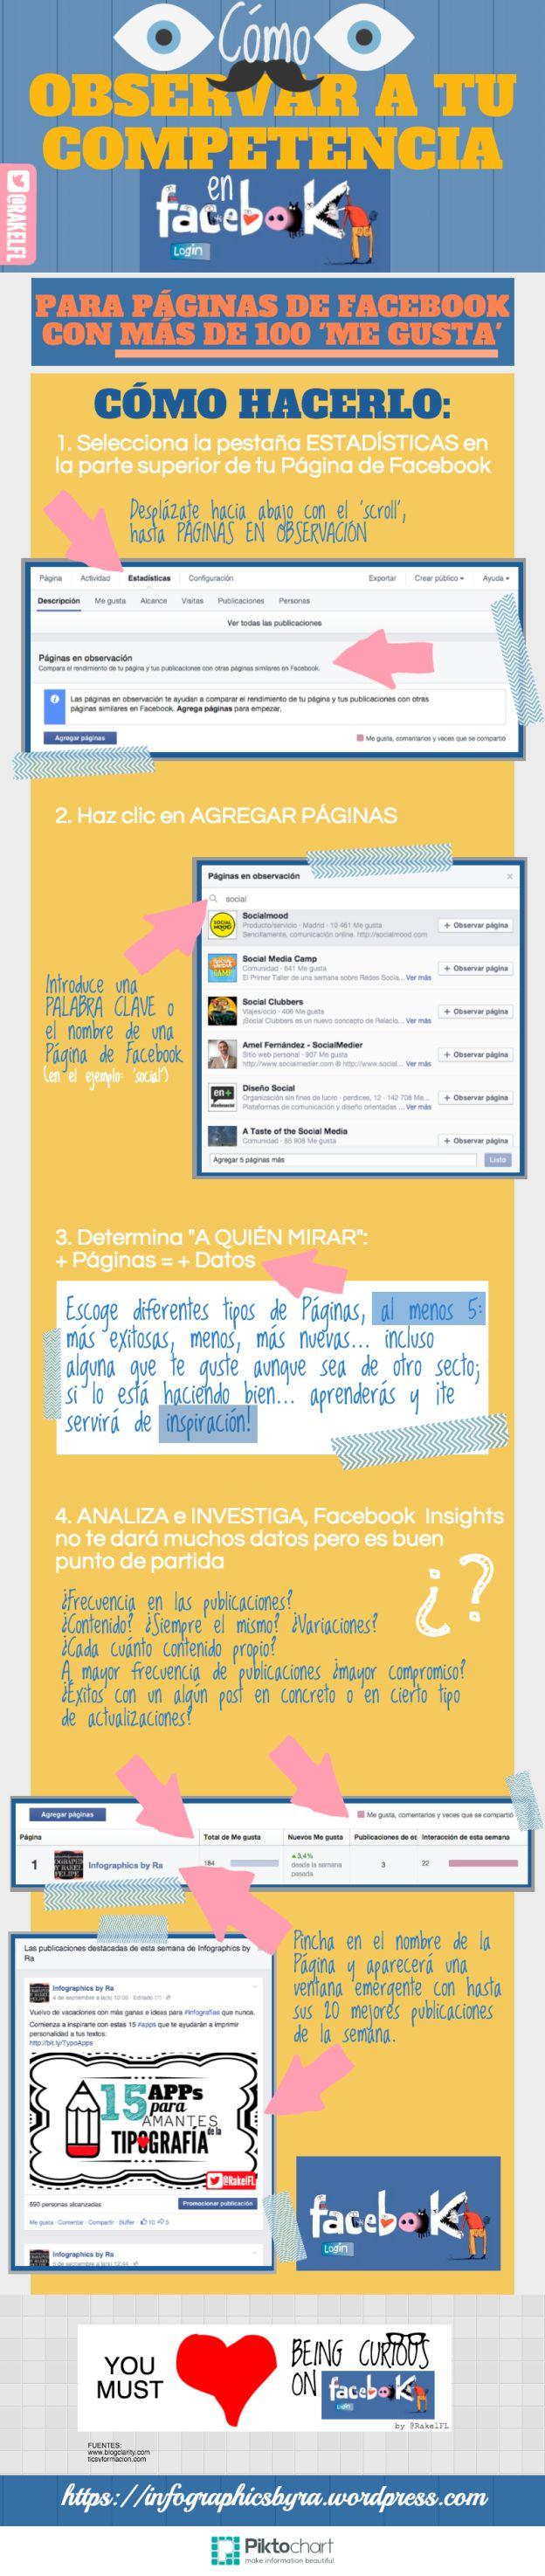 Cómo observar a tu competencia en FaceBook. Imprescindible saber qué hace…